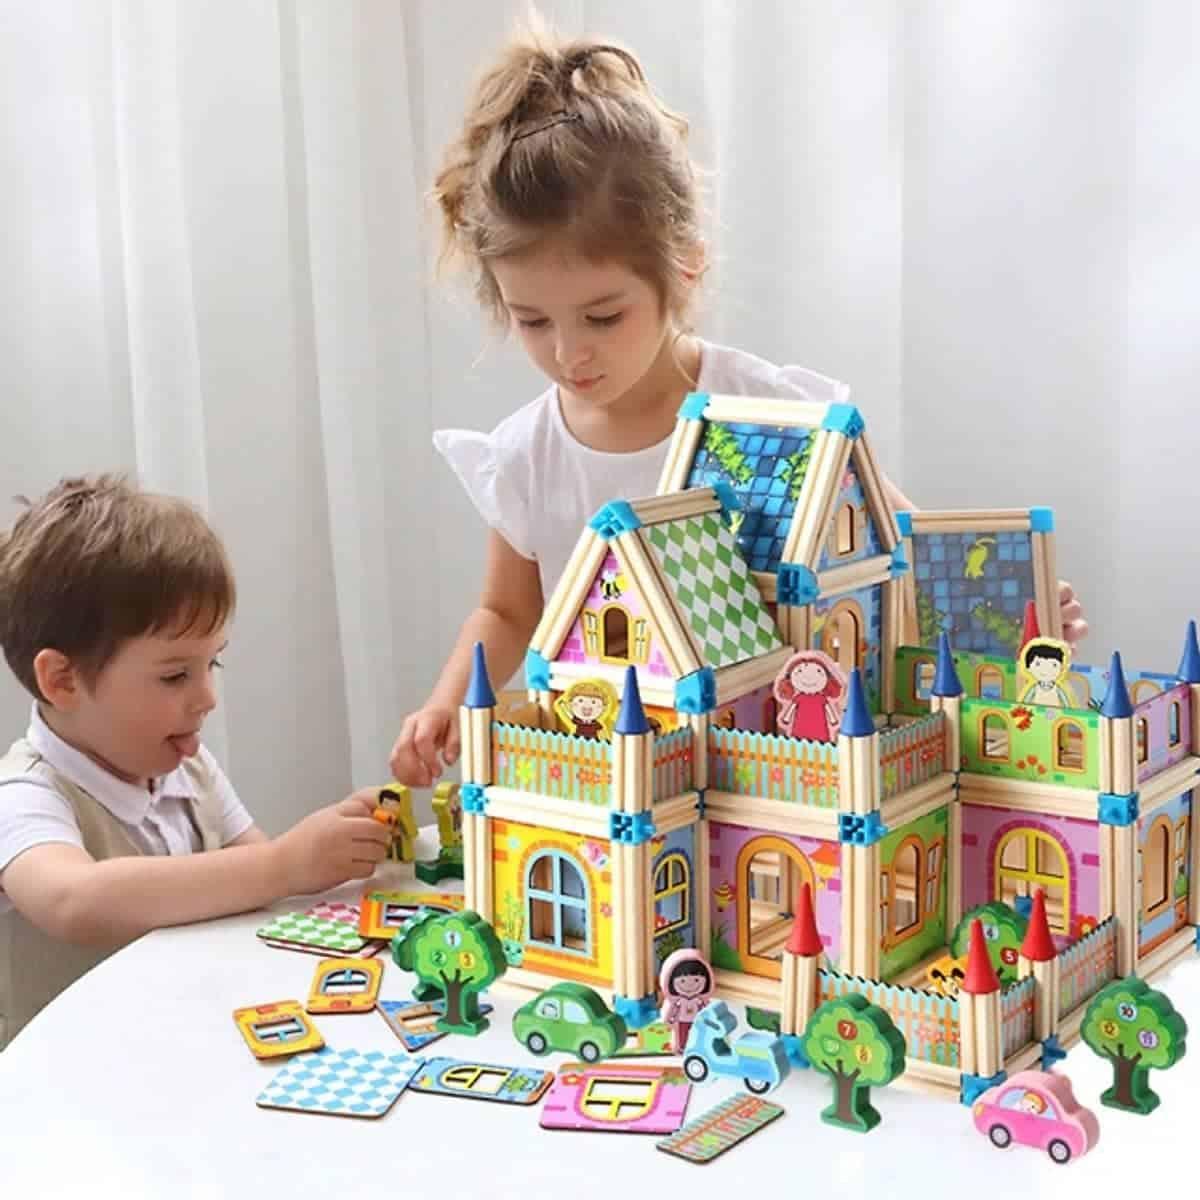 đồ chơi thông mình cho bé 4 tuổi